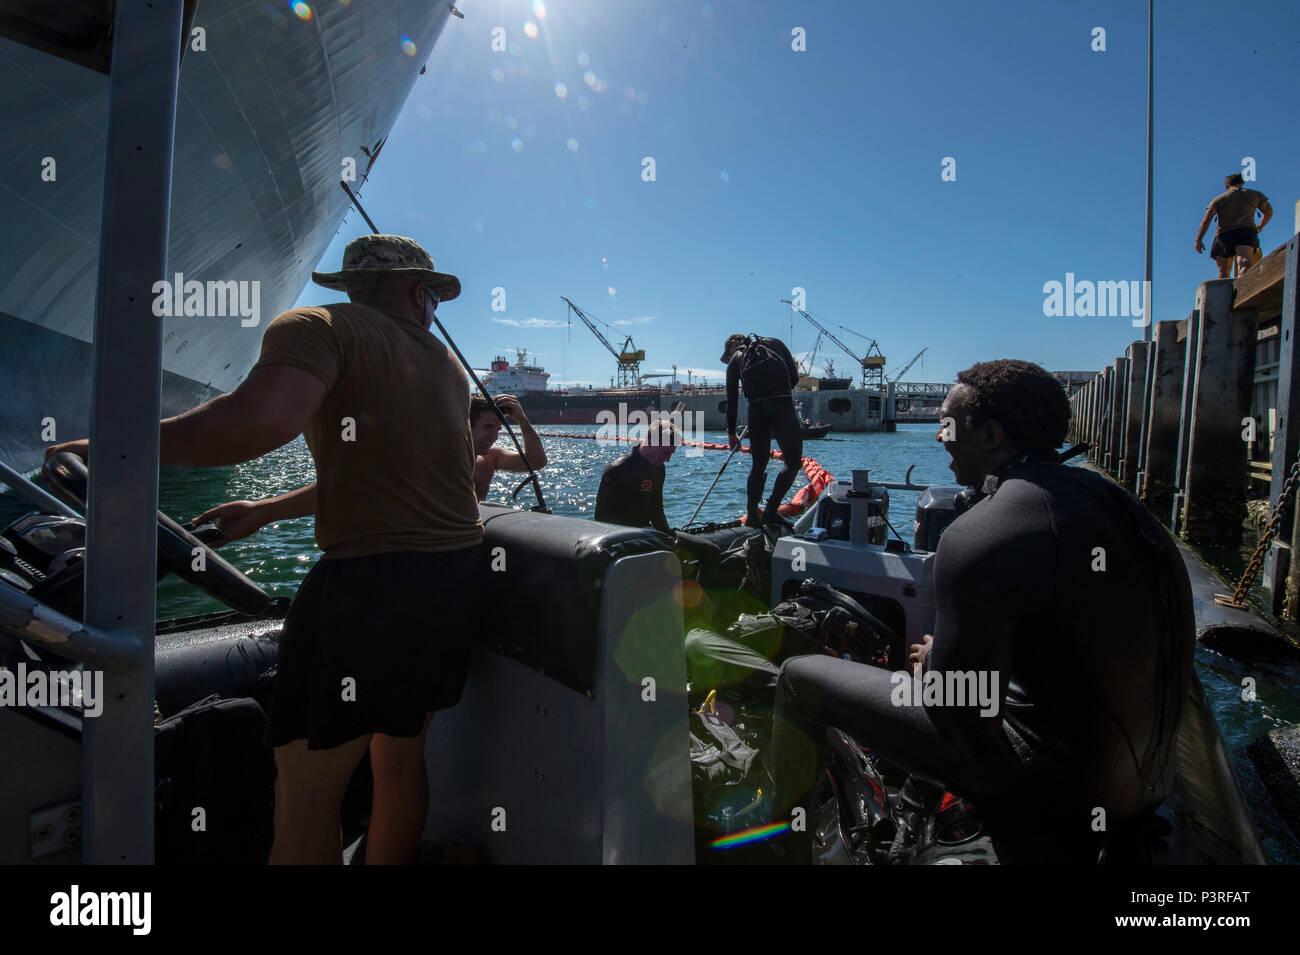 160720-N-DJ750-135 SAN DIEGO (Luglio 20, 2016)-- la superficie navale e il mio combattimento Centro di sviluppo il comandante, Unità di attività 177.2.1 l'eliminazione degli ordigni esplosivi tecnici completare una ricerca di finti esplosivi militari sul comando Sealift grande, medio-veloce roll on/roll off nave USNS Bob Hope (T-AKR-300) durante la California del Sud porzione di cerchione della Pacific 2016. Venti-sei nazioni, più di 40 navi e sottomarini, più di 200 aerei e 25.000 personale partecipano RIMPAC dal 30 giugno al 4 agosto, in e intorno alle Isole Hawaii e la California del Sud. Il Foto Stock